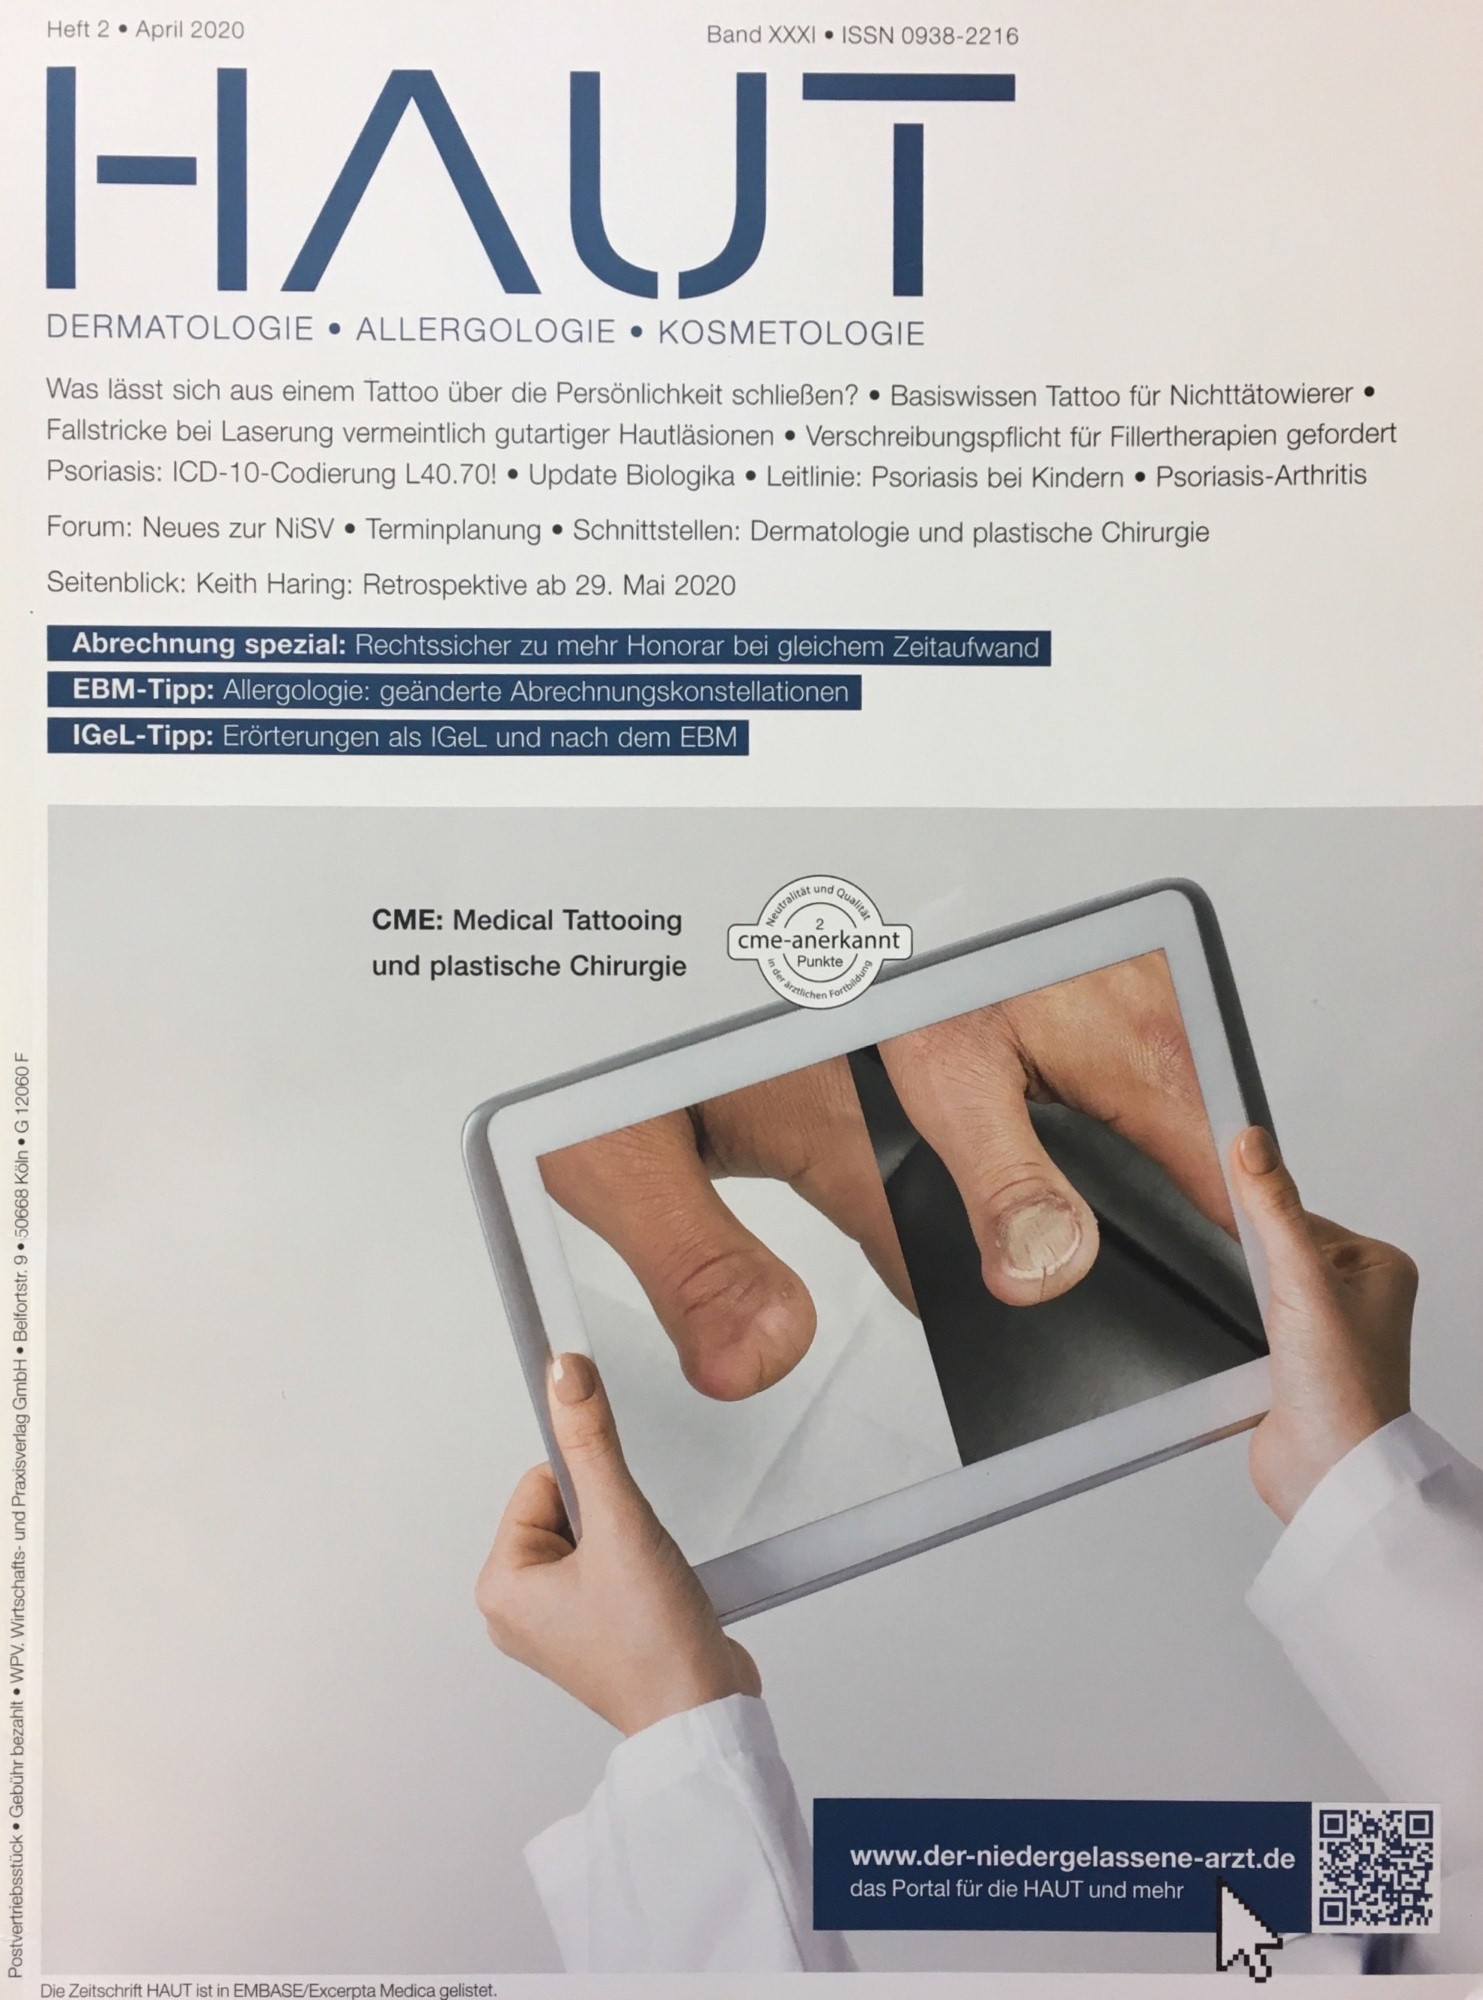 Zeitschrift Haut - Heft 2, April 2020